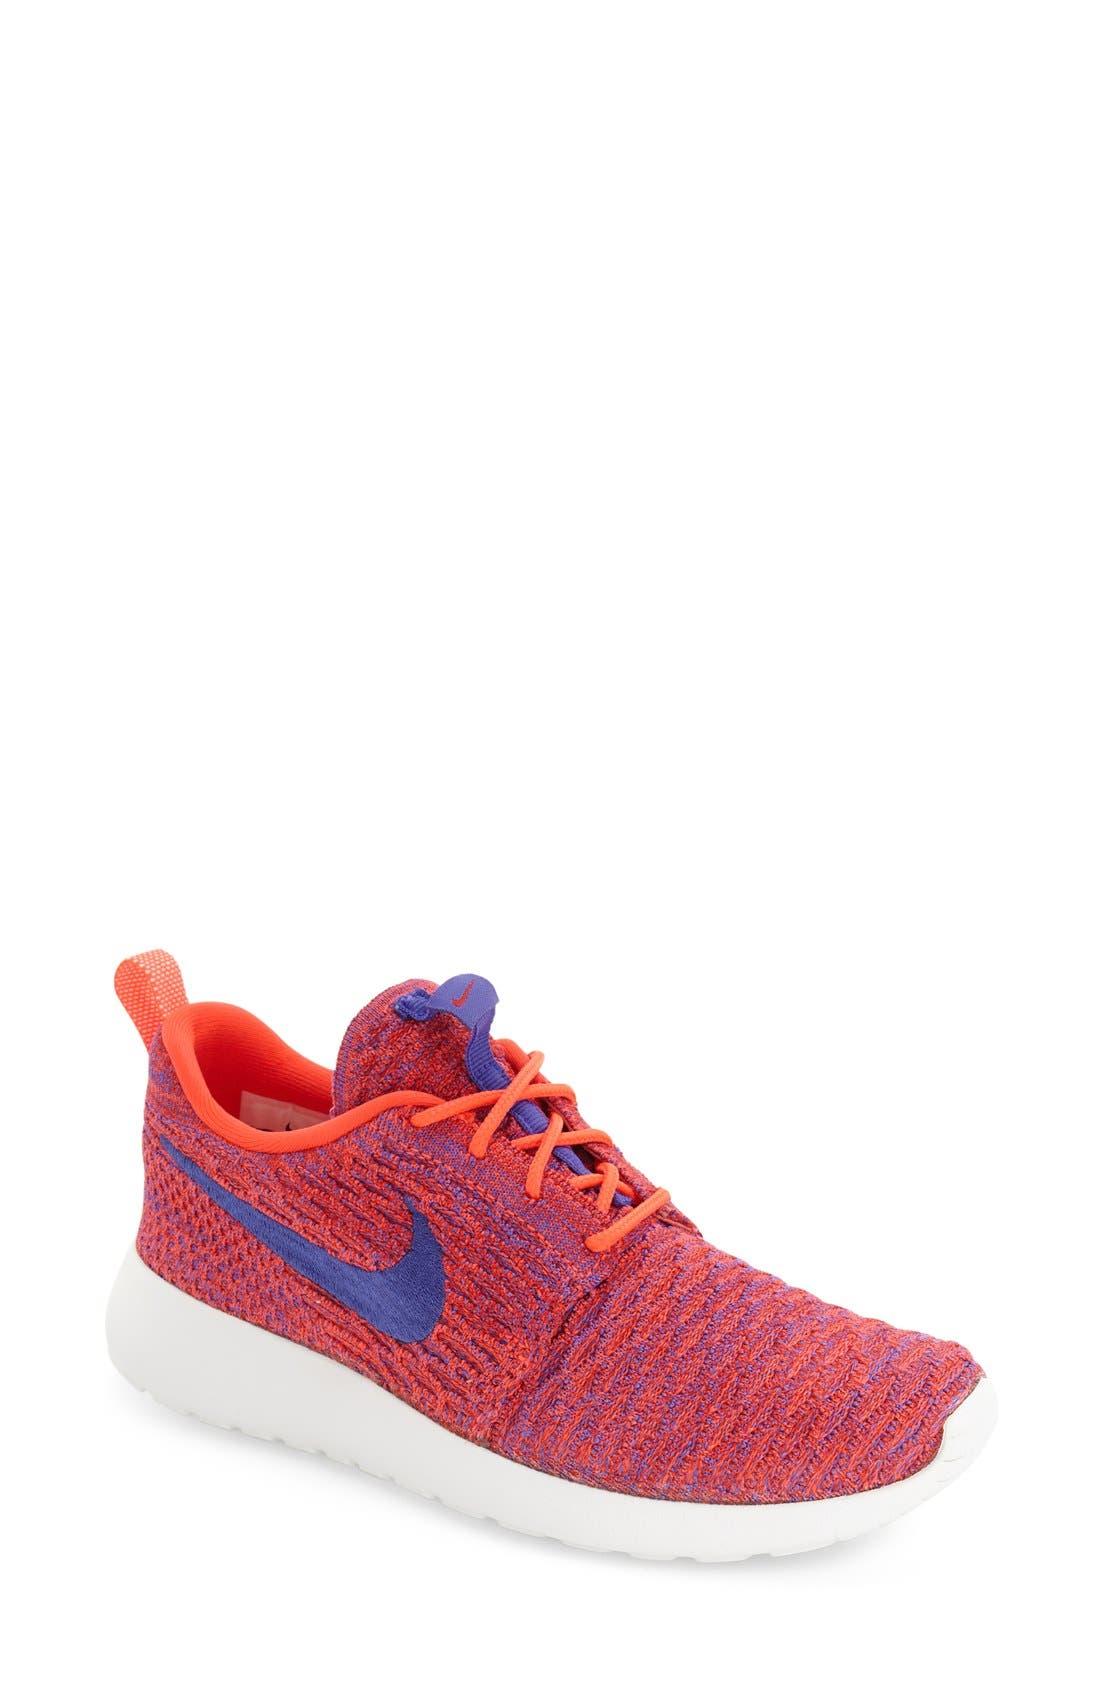 Alternate Image 1 Selected - Nike FlyKnit Roshe Run Sneaker